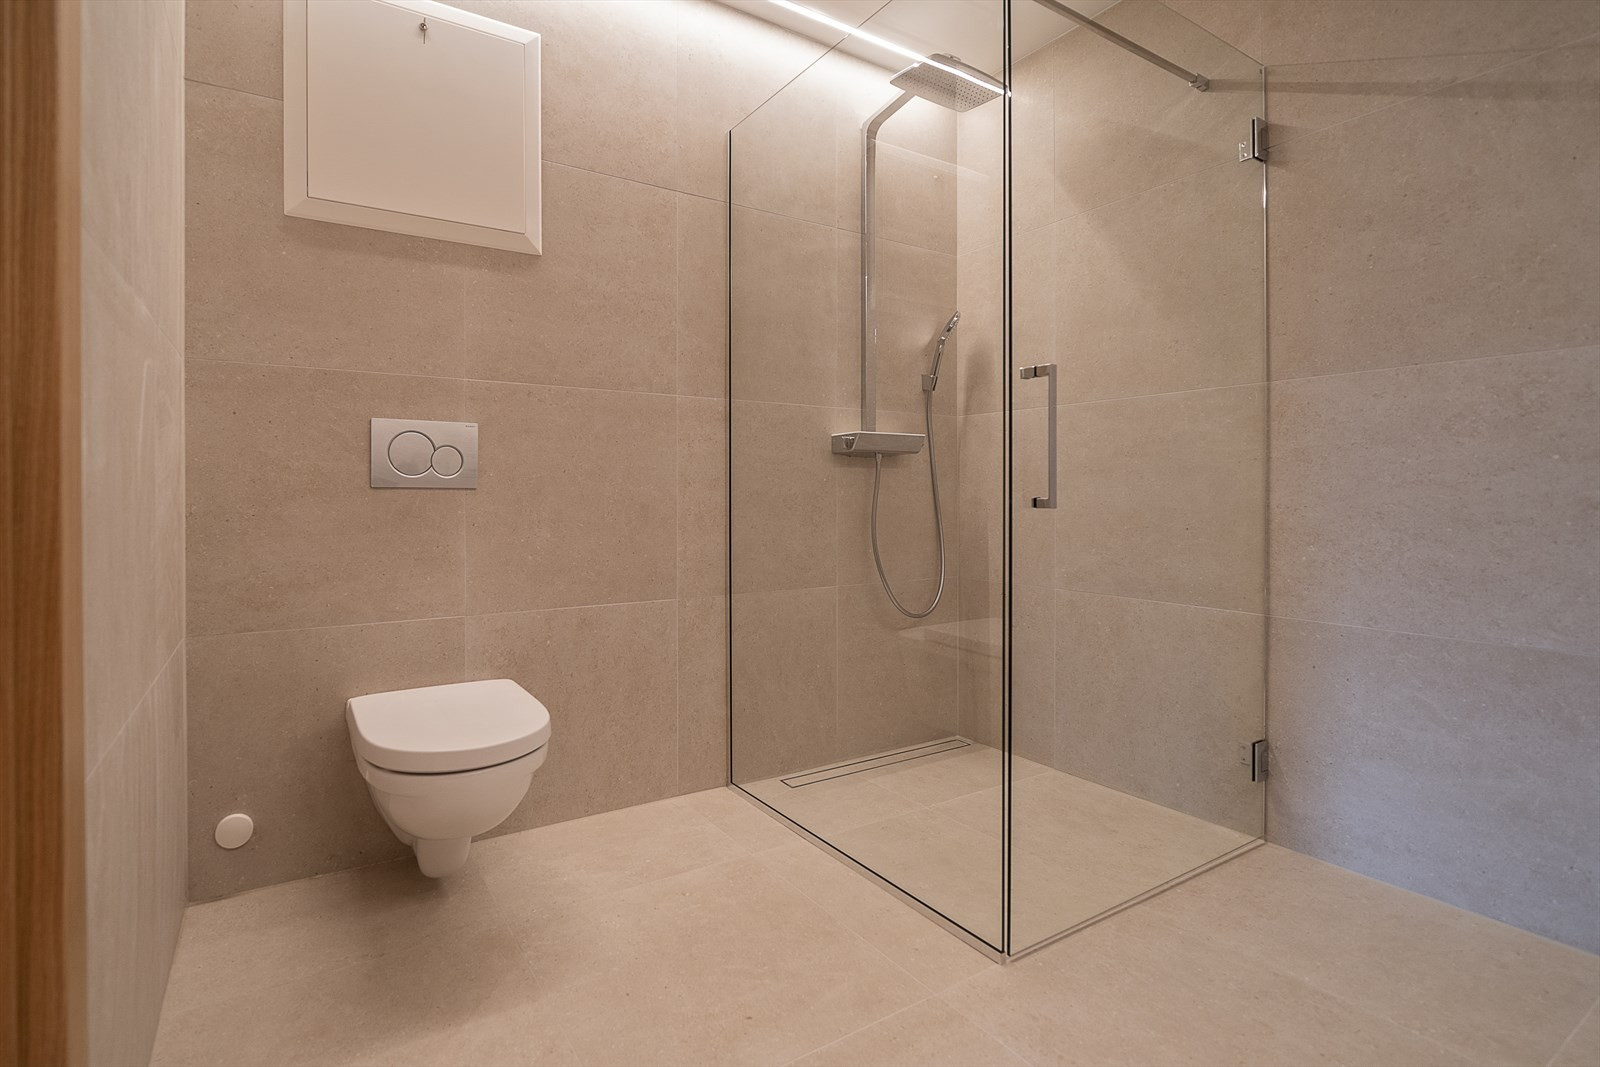 Badet er også av høy kvalitet med storformat fliser, armatur fra kvalitetsleverandør, vegghengt klosett og belysning av innsparklet ledlys